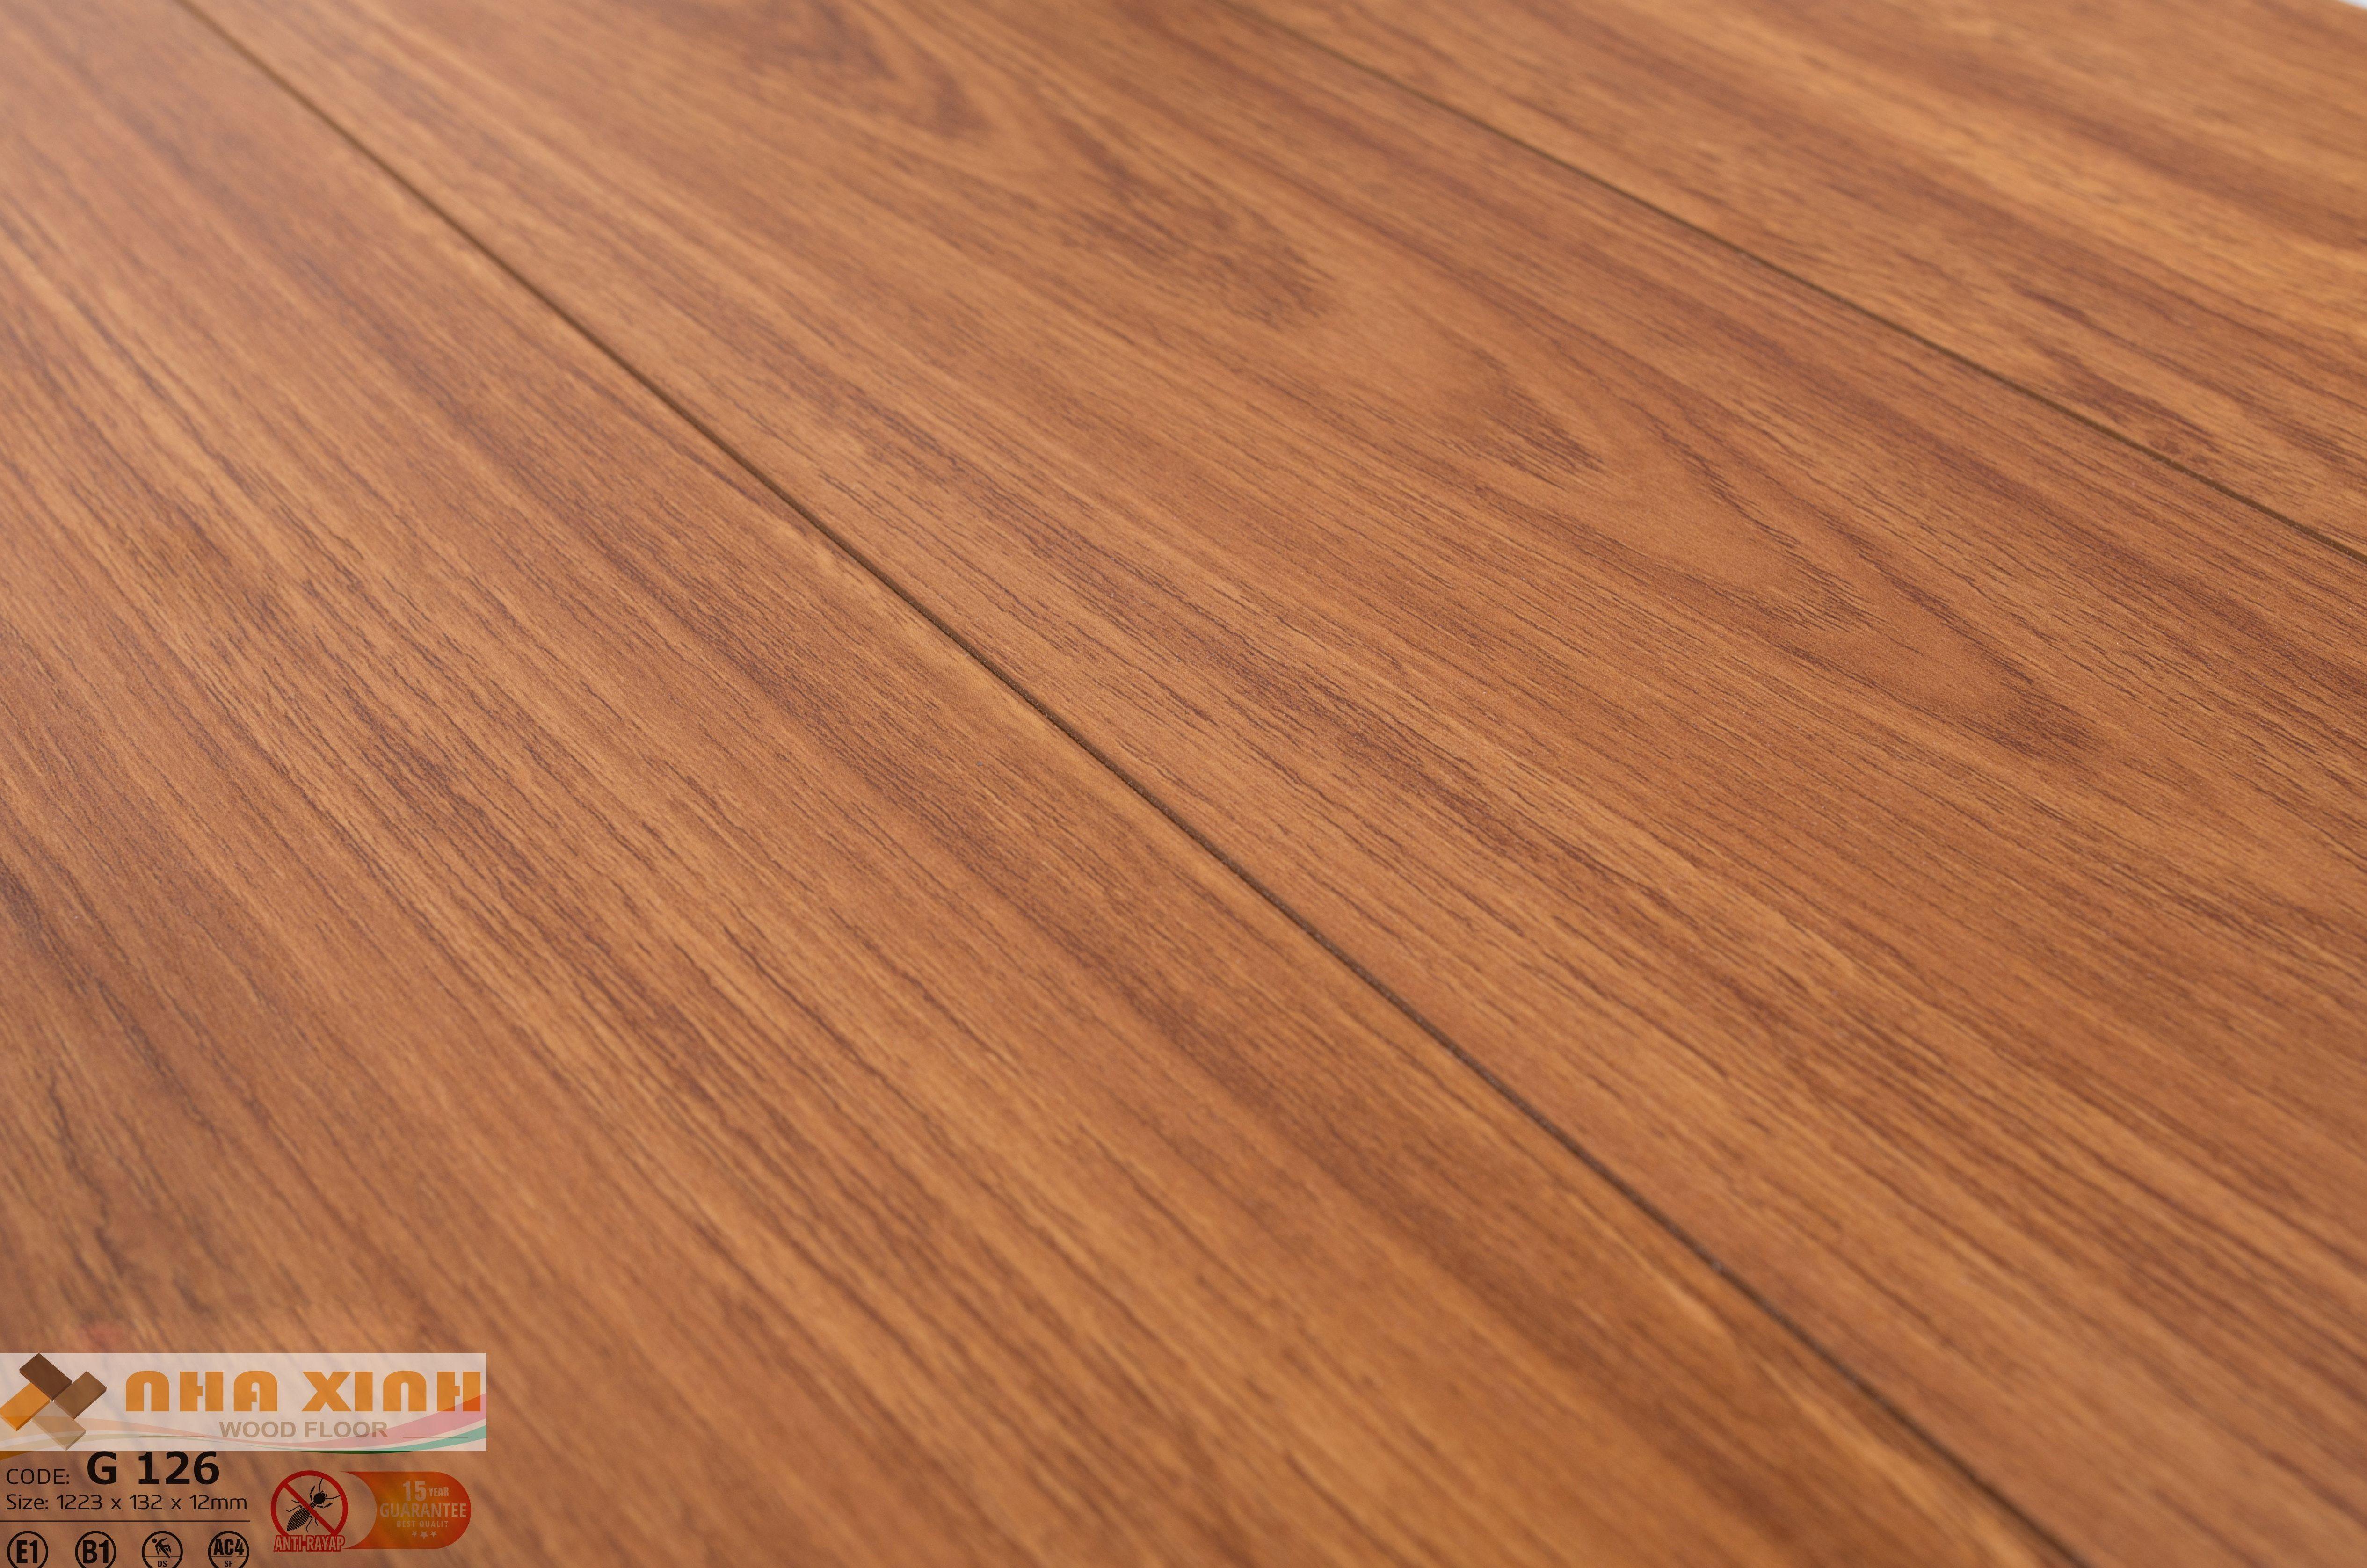 Sàn gỗ Glomax G126